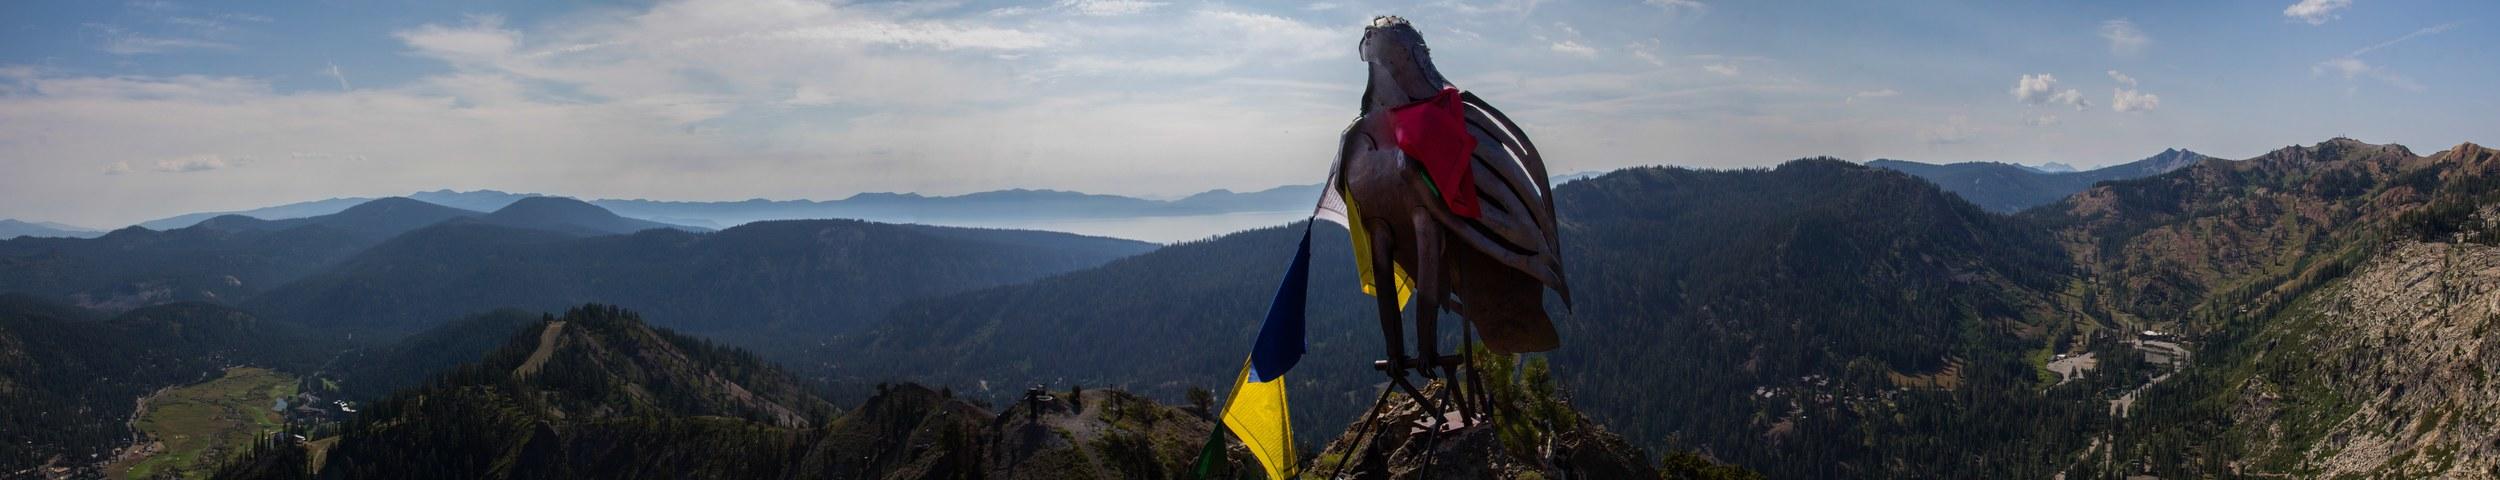 Eagle_Squaw_Alpine-21.jpg